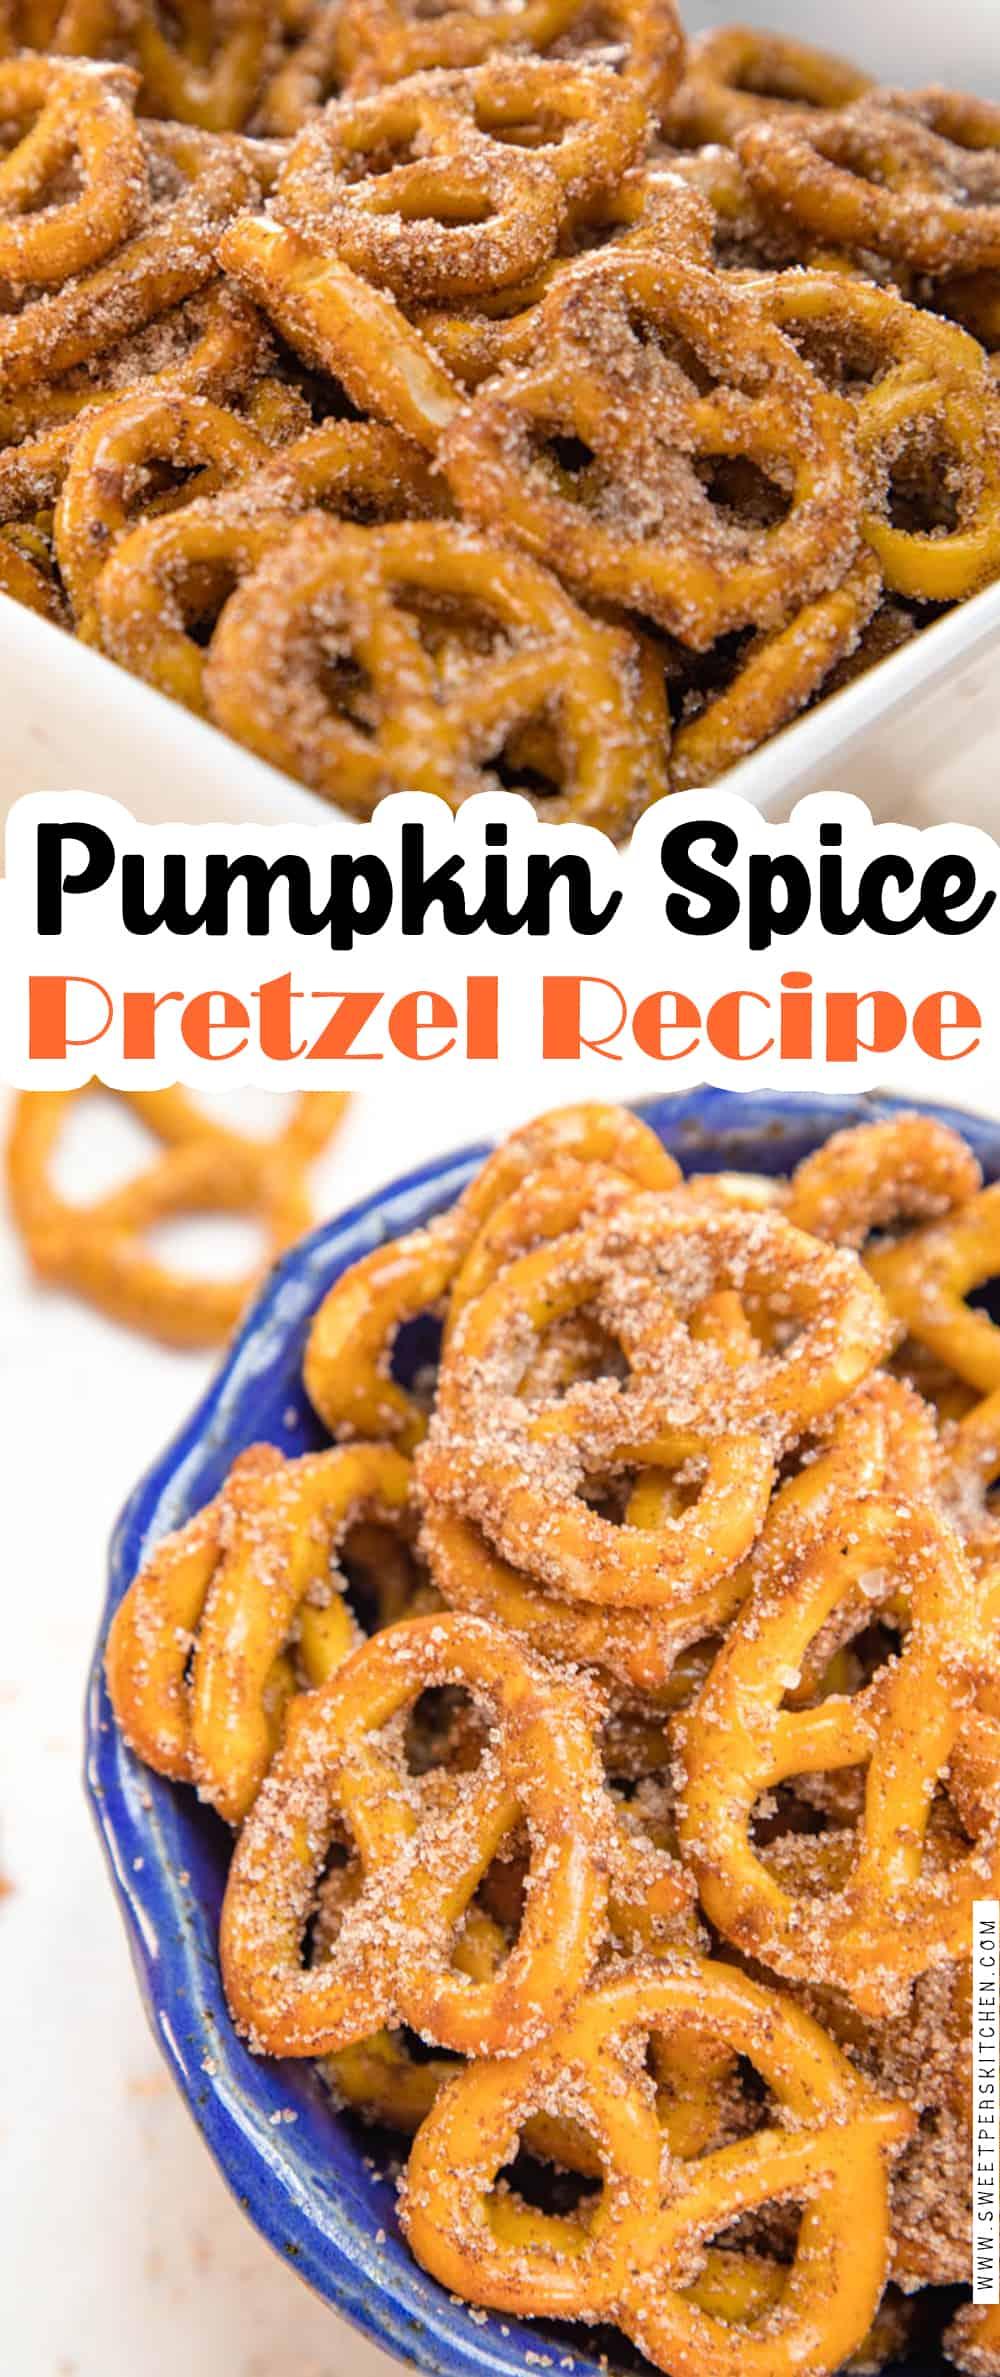 Pumpkin Spice Pretzel Recipe